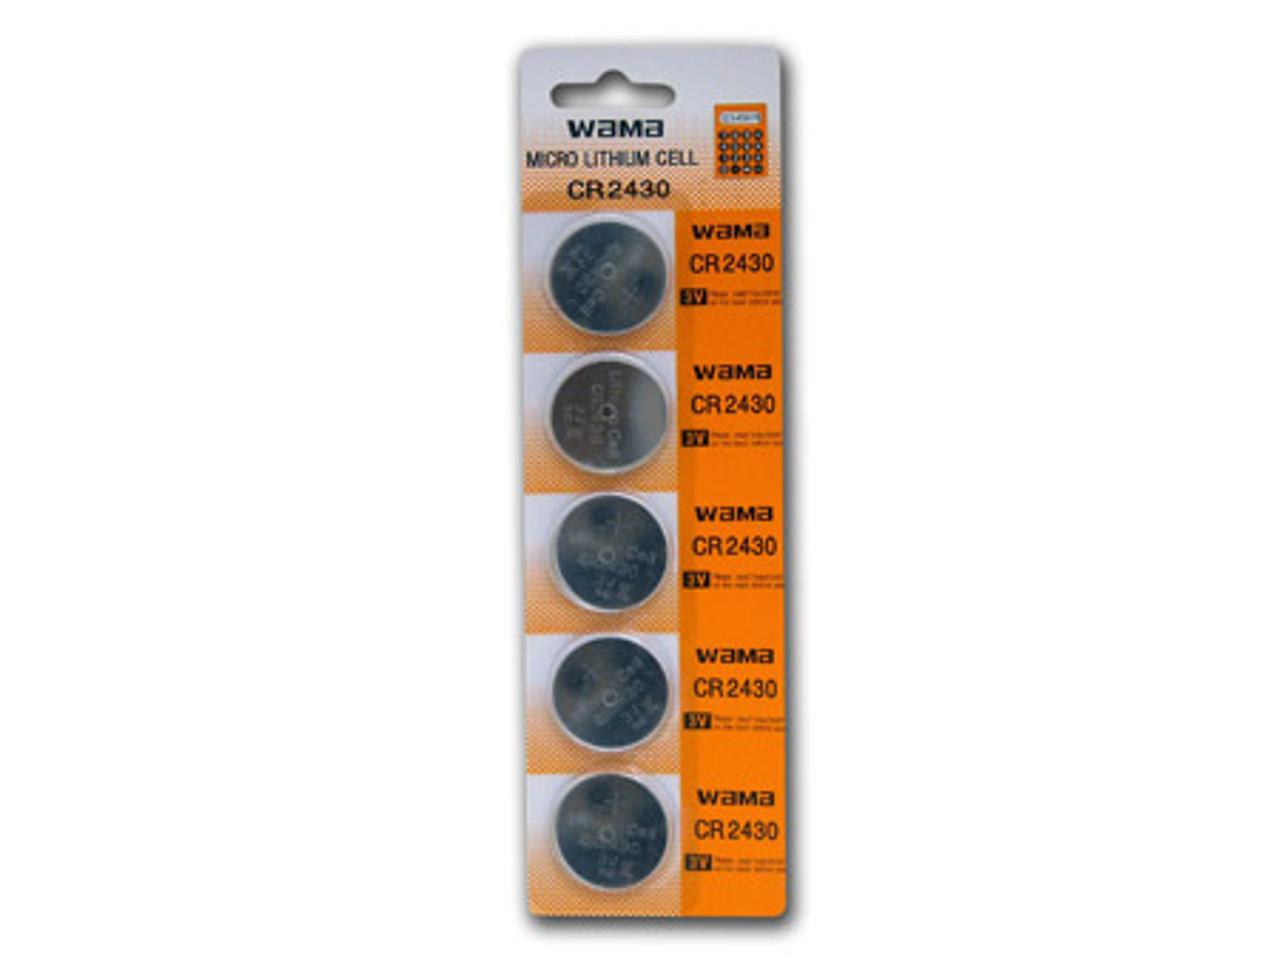 1 Card: 5pcs Wama CR2430 Lithium Button Cells